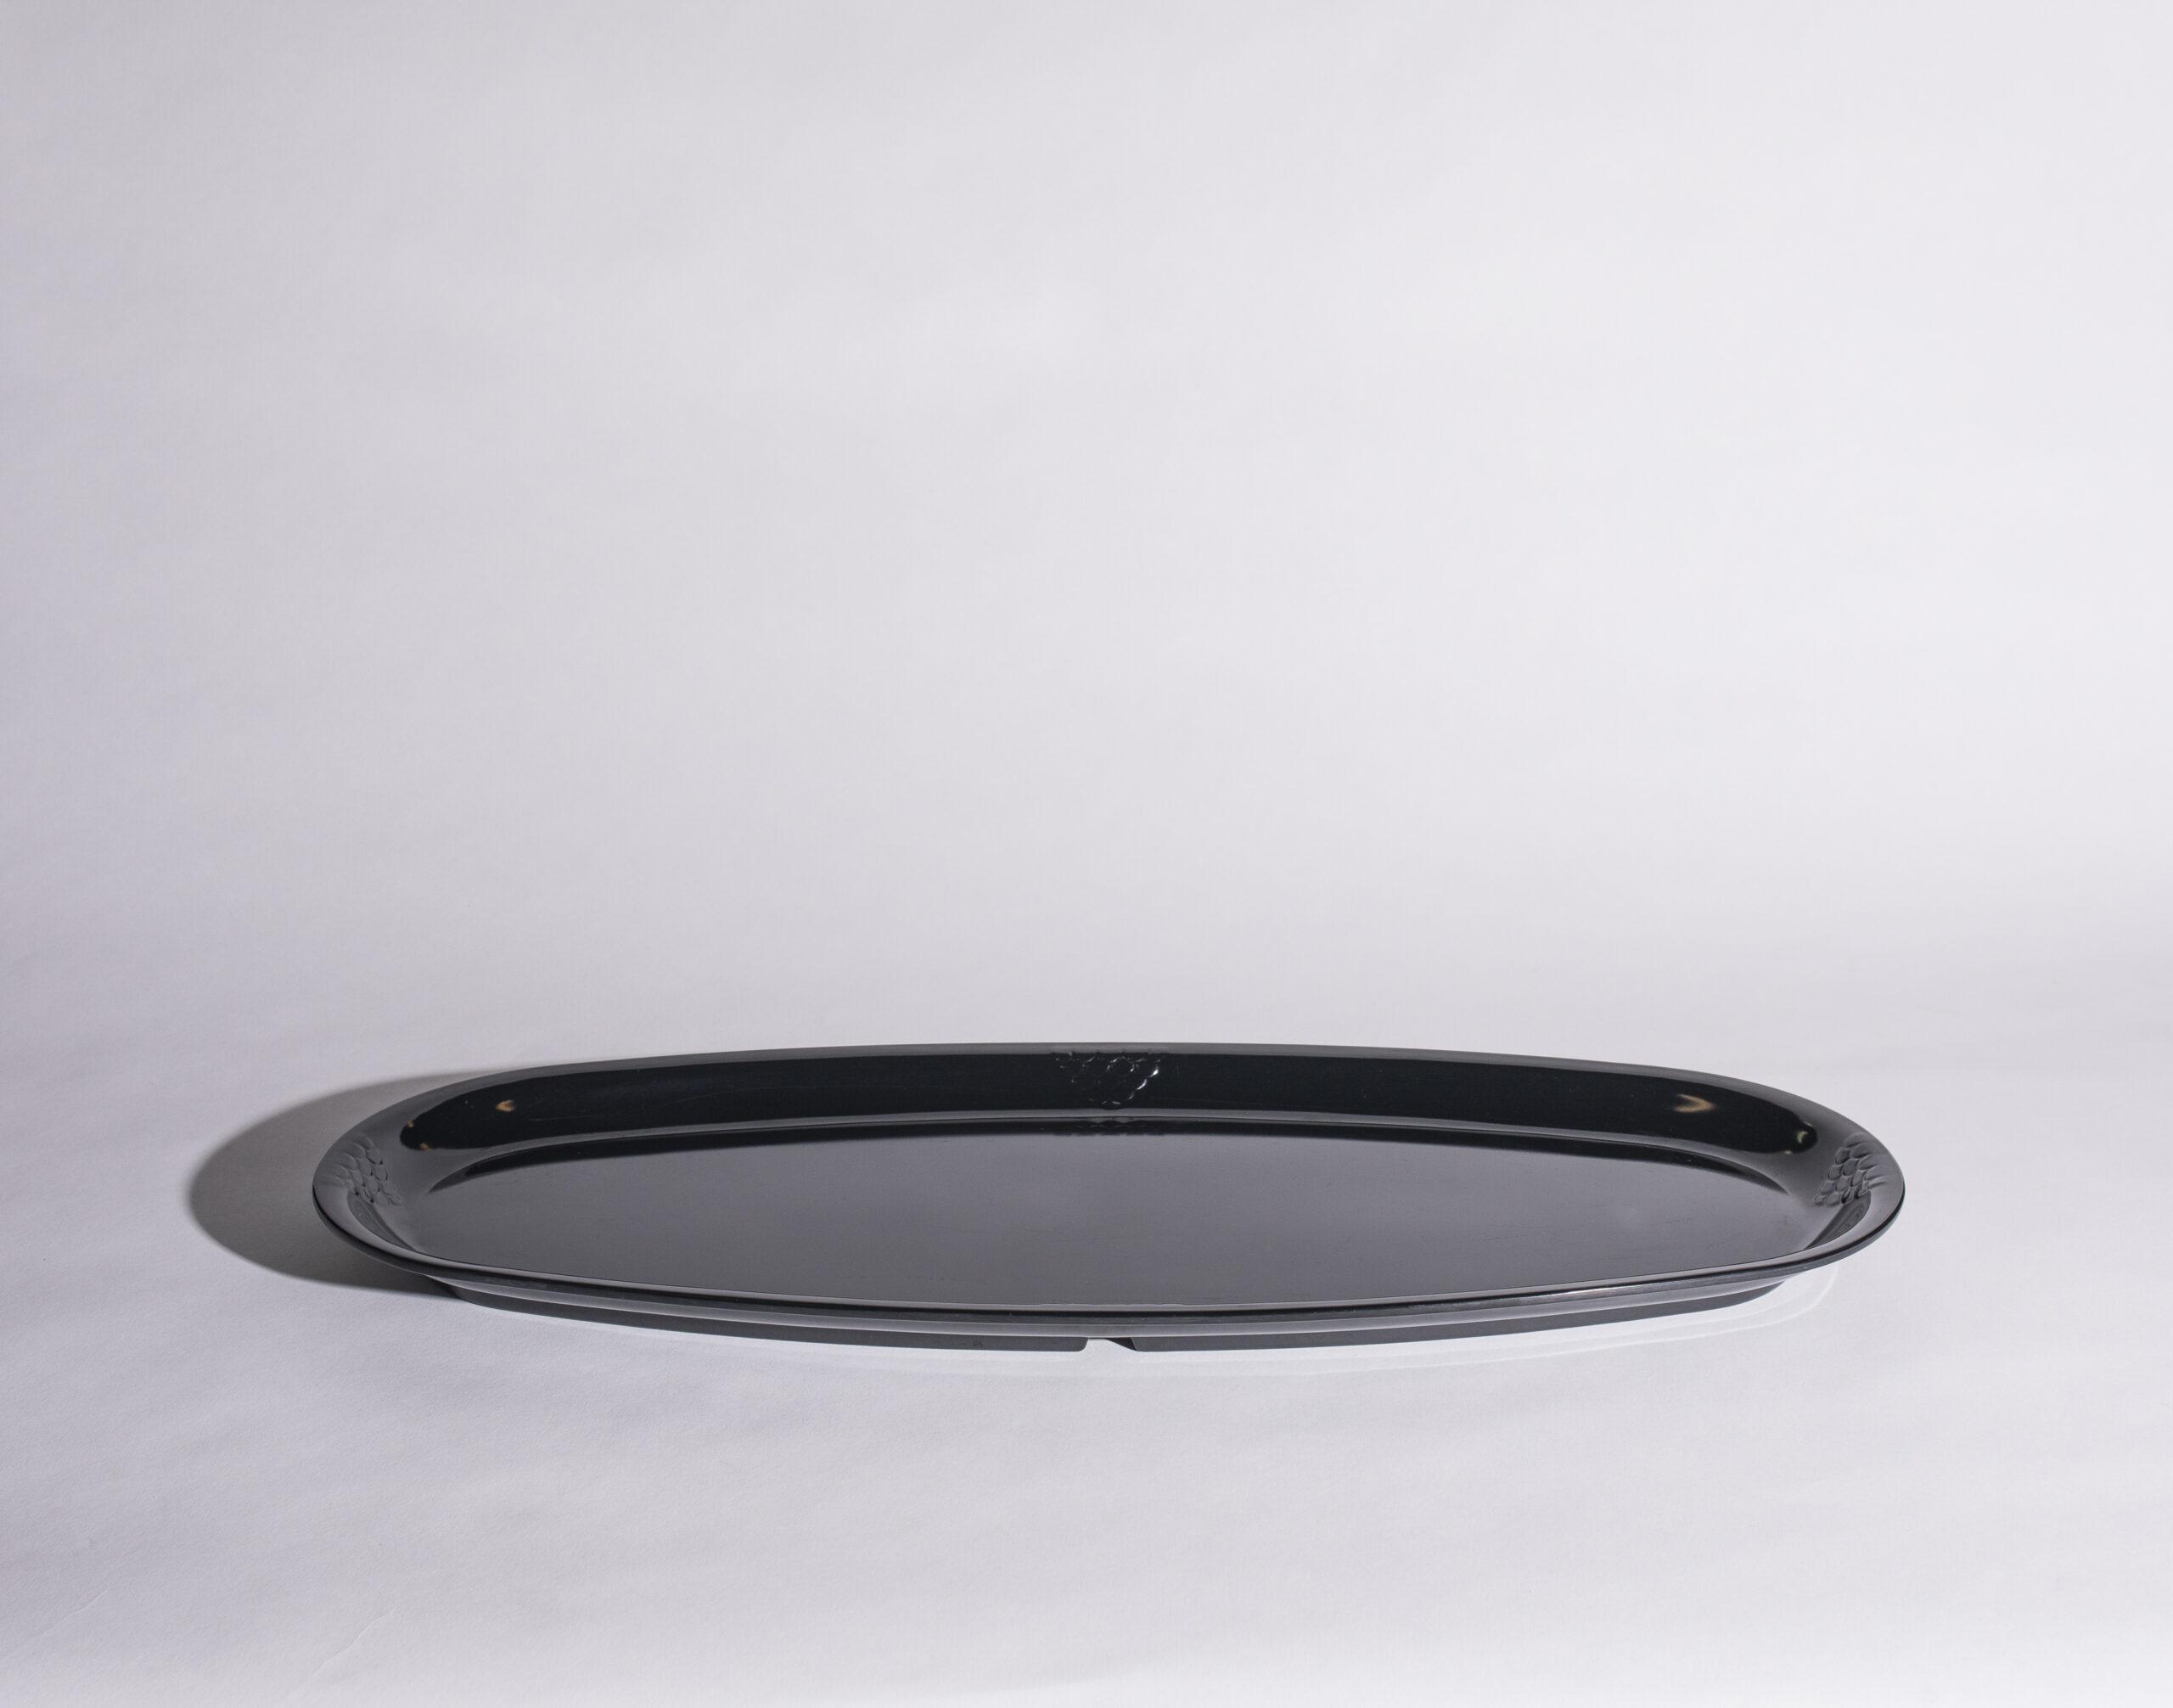 Food tray (oval, black, plastic)